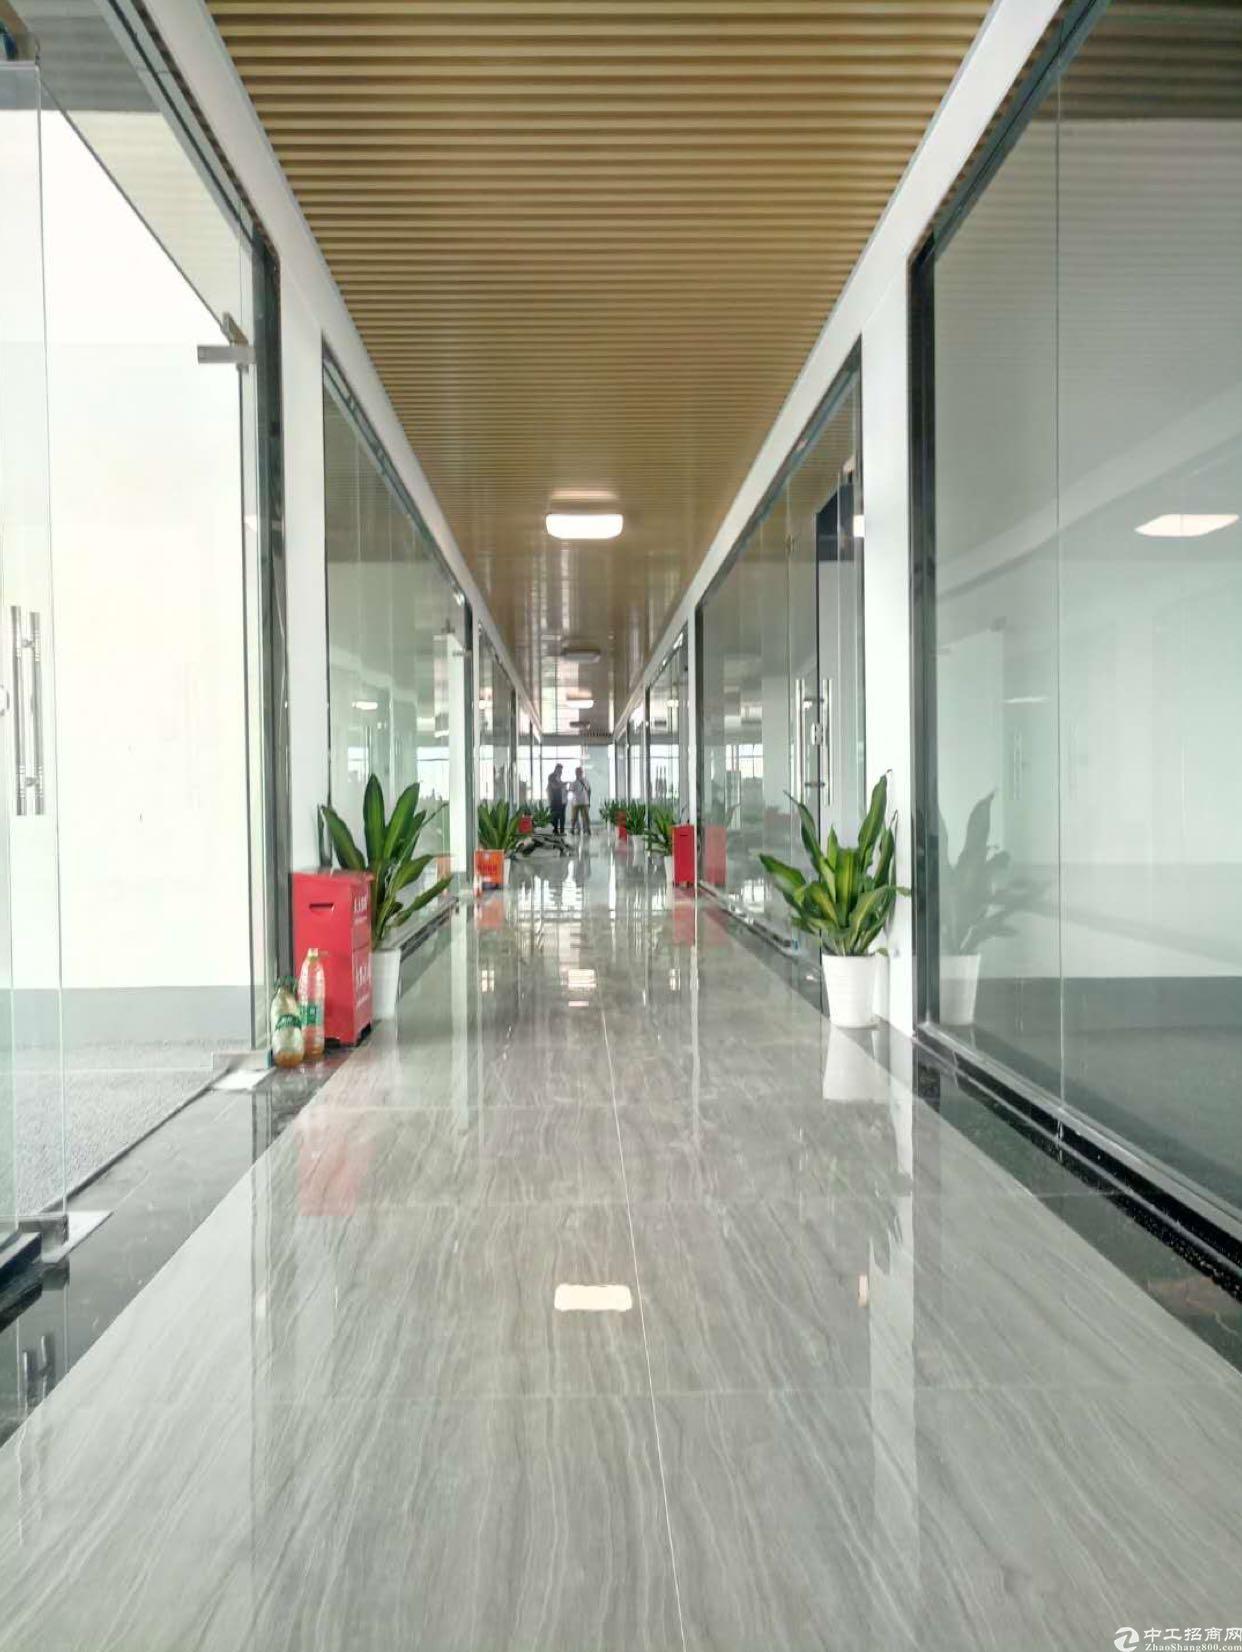 大浪英泰工业区附近,精装修创客园,交通便利,价格便宜。